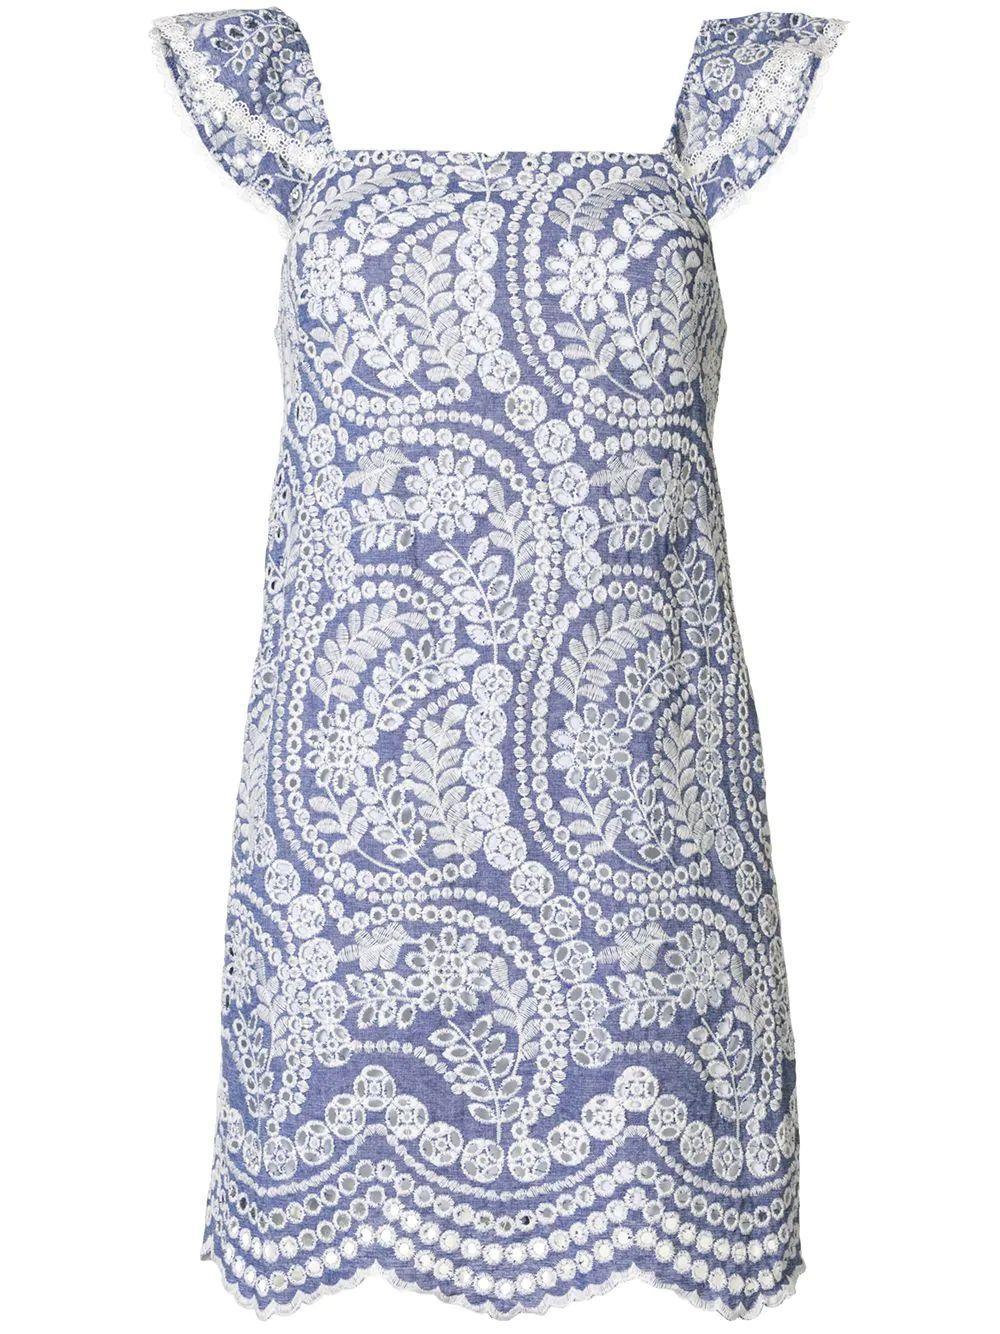 Honor Paisley Dress Item # CC004K04527